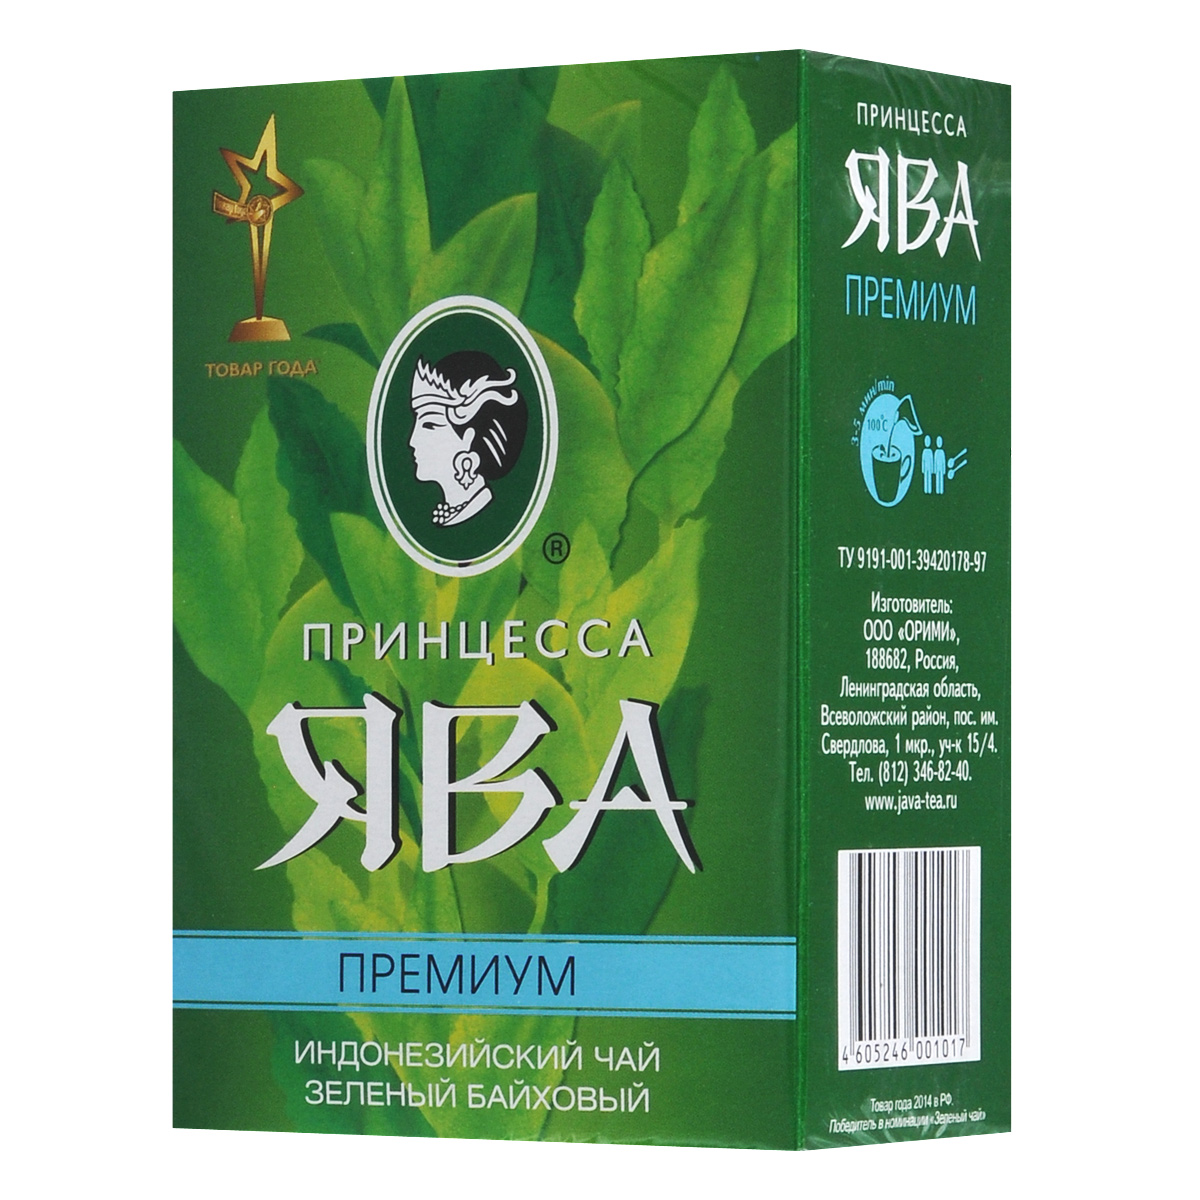 Принцесса Ява Премиум зеленый чай листовой, 100 г